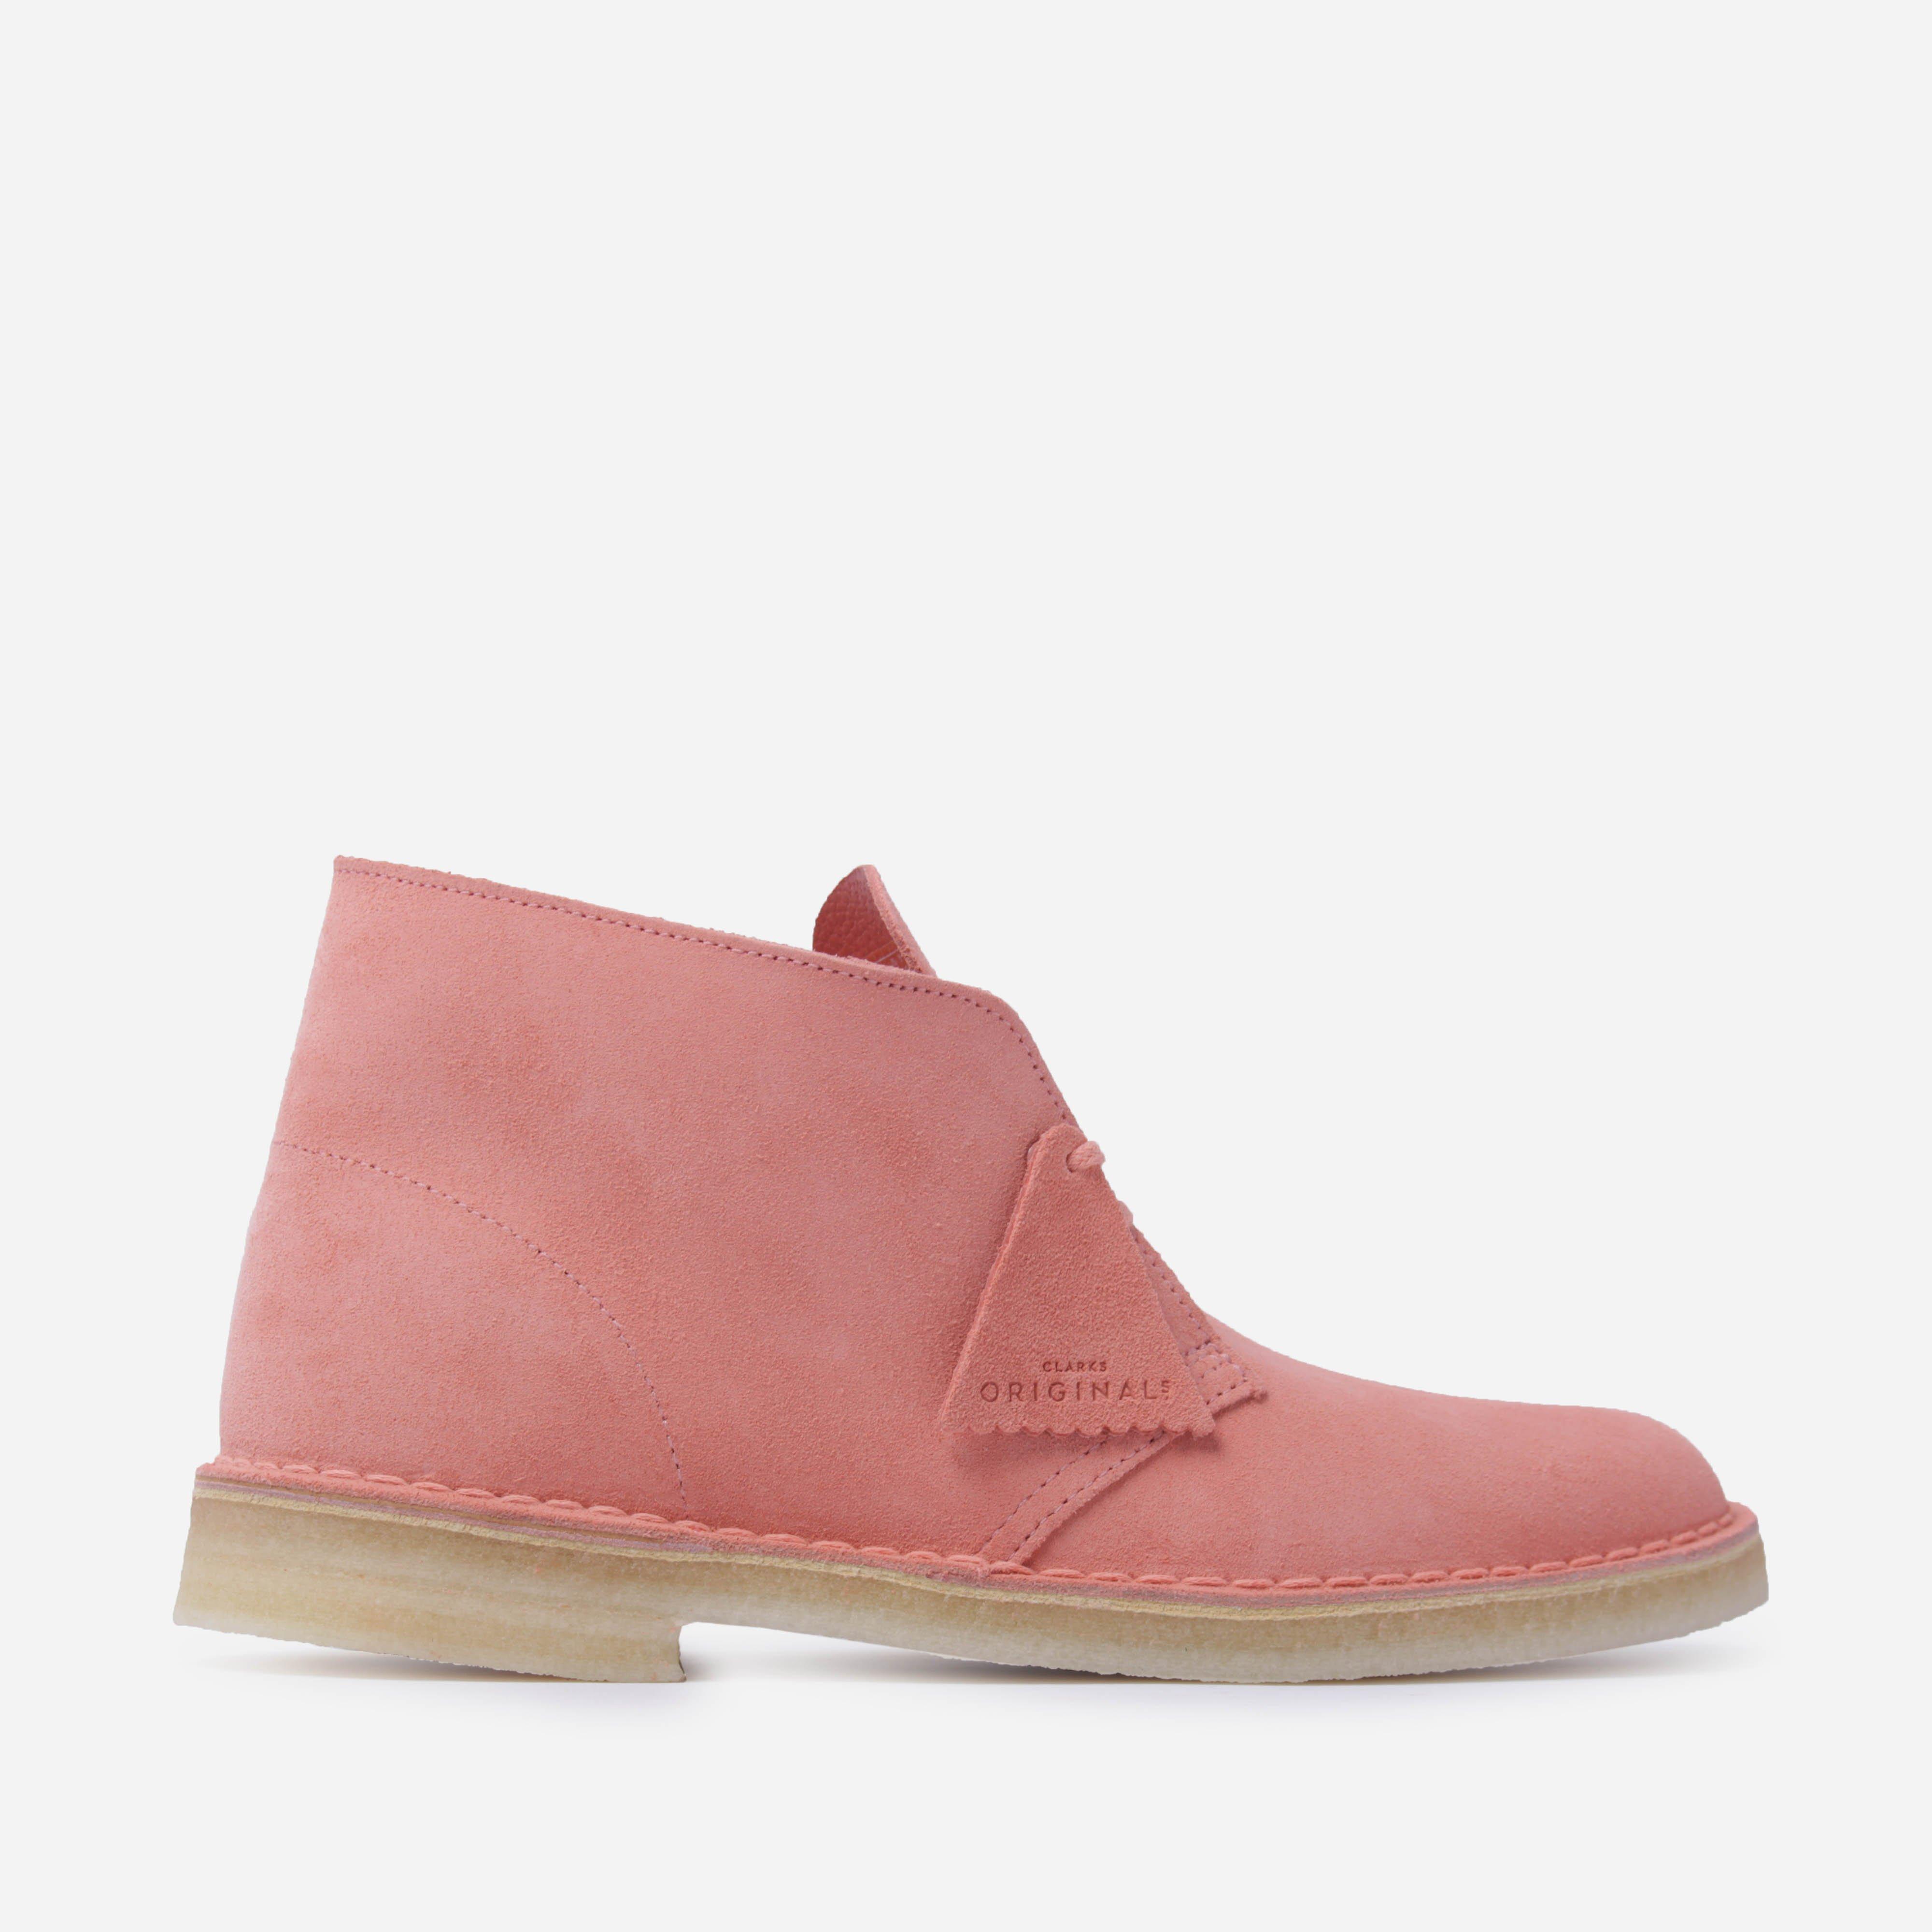 Clarks Desert Boot in Pink for Men - Lyst